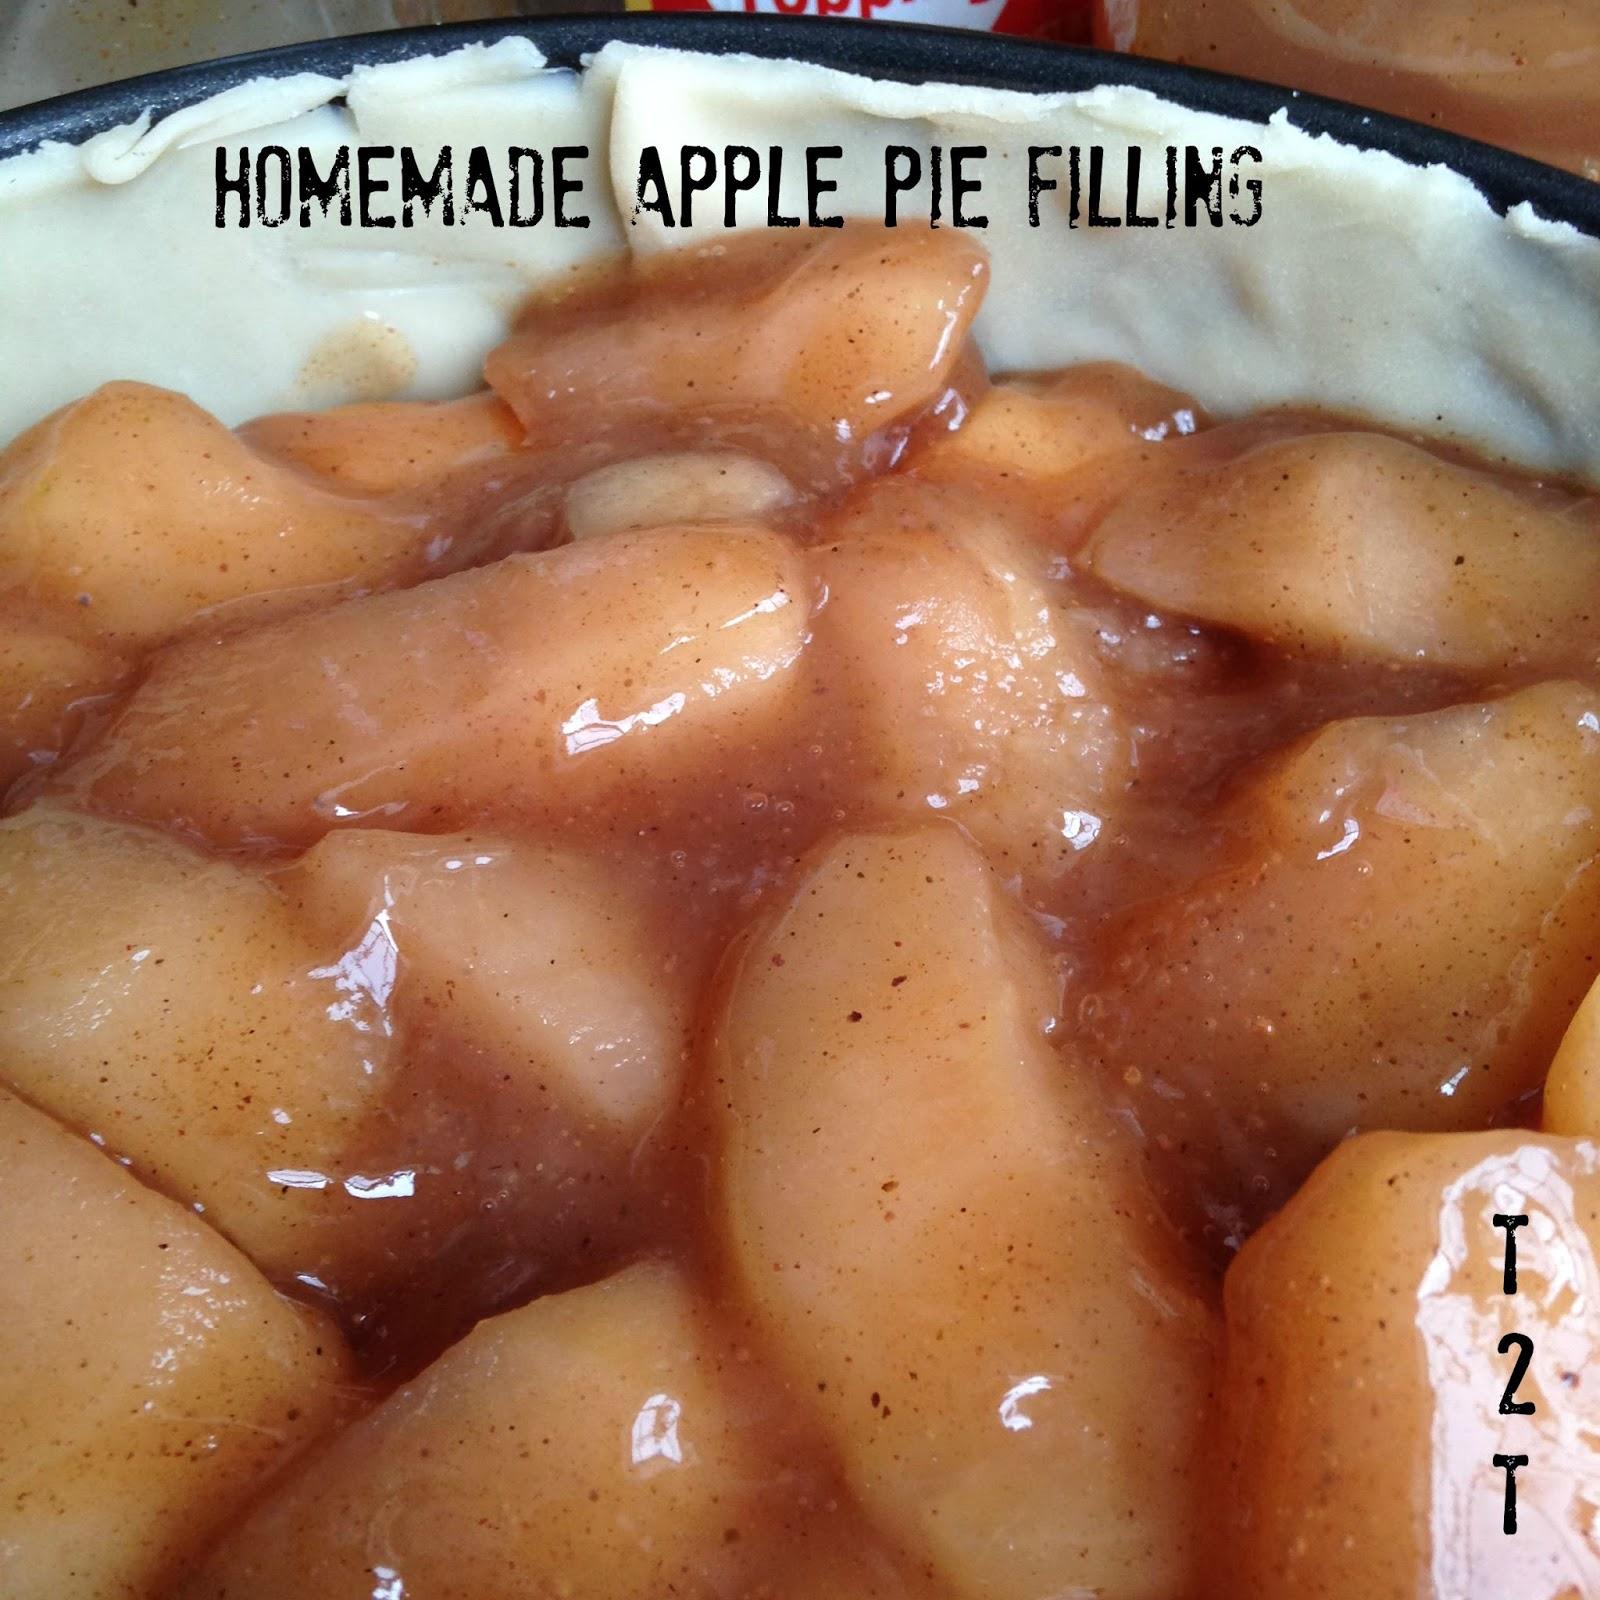 Turnips 2 Tangerines: Homemade Apple Pie Filling